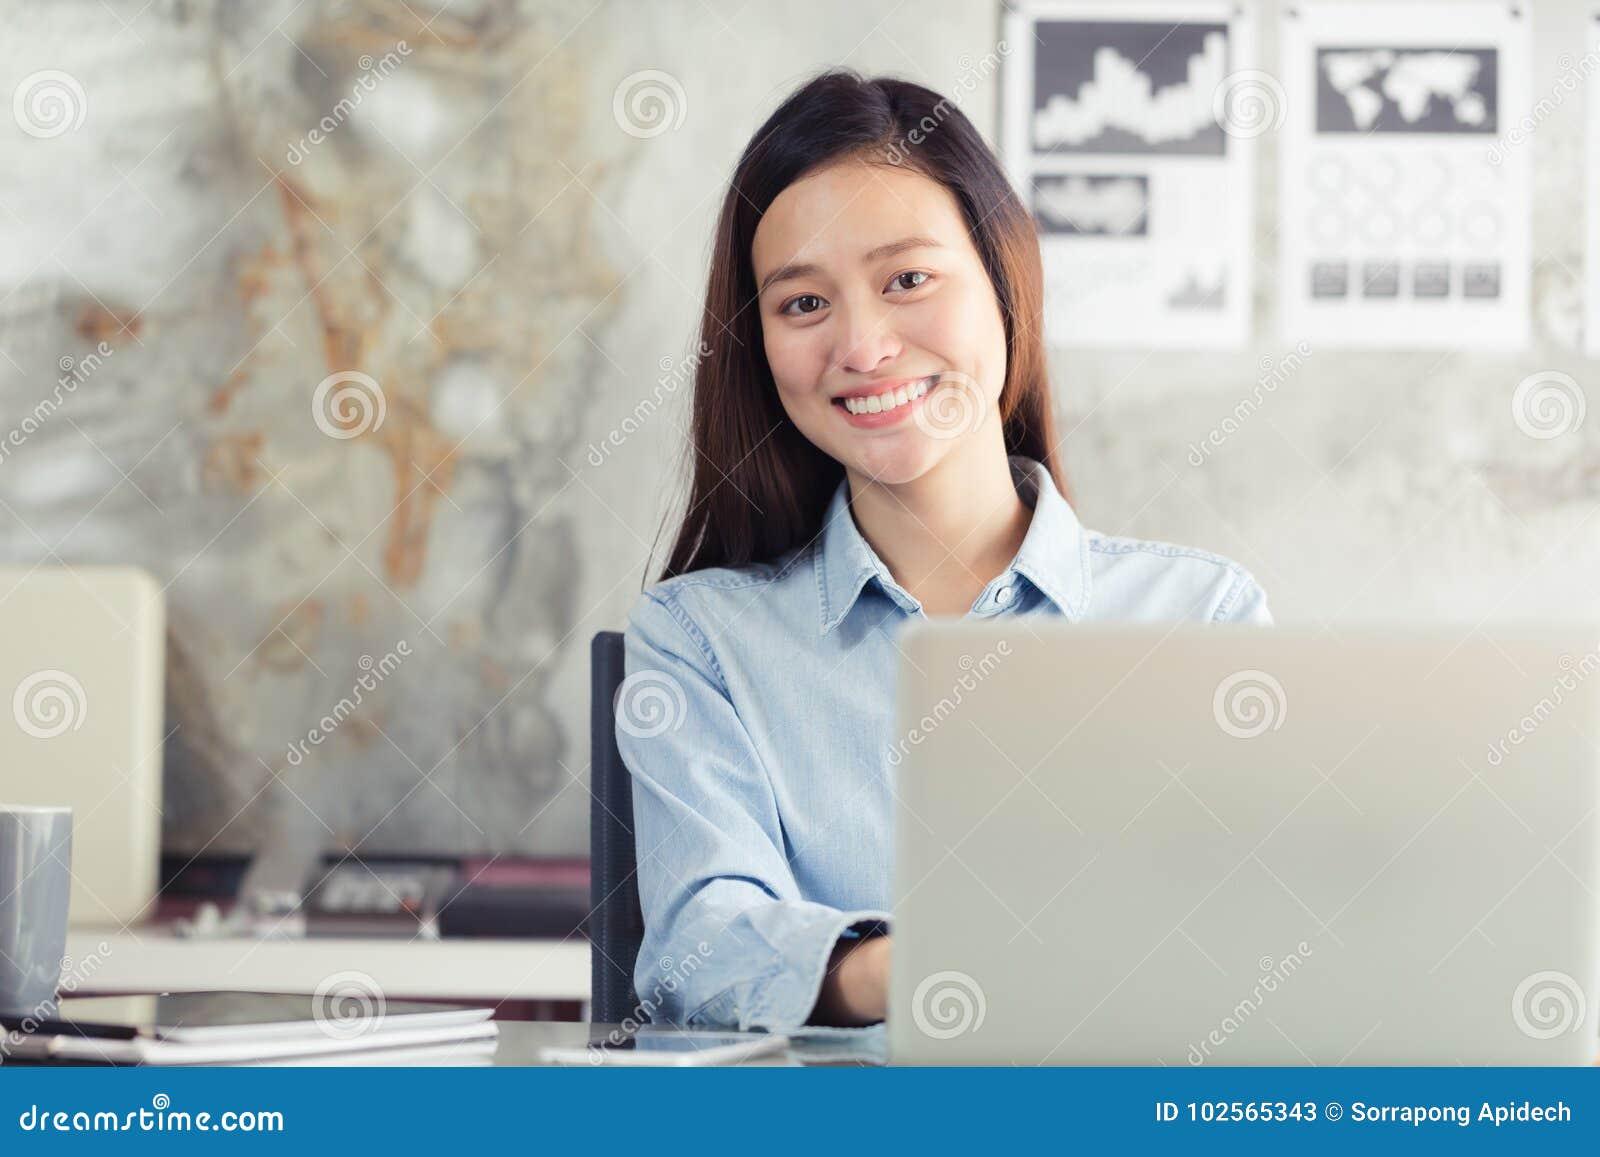 Asiatische Geschäftsfrau der neuen Generation, die Laptop im Büro verwendet